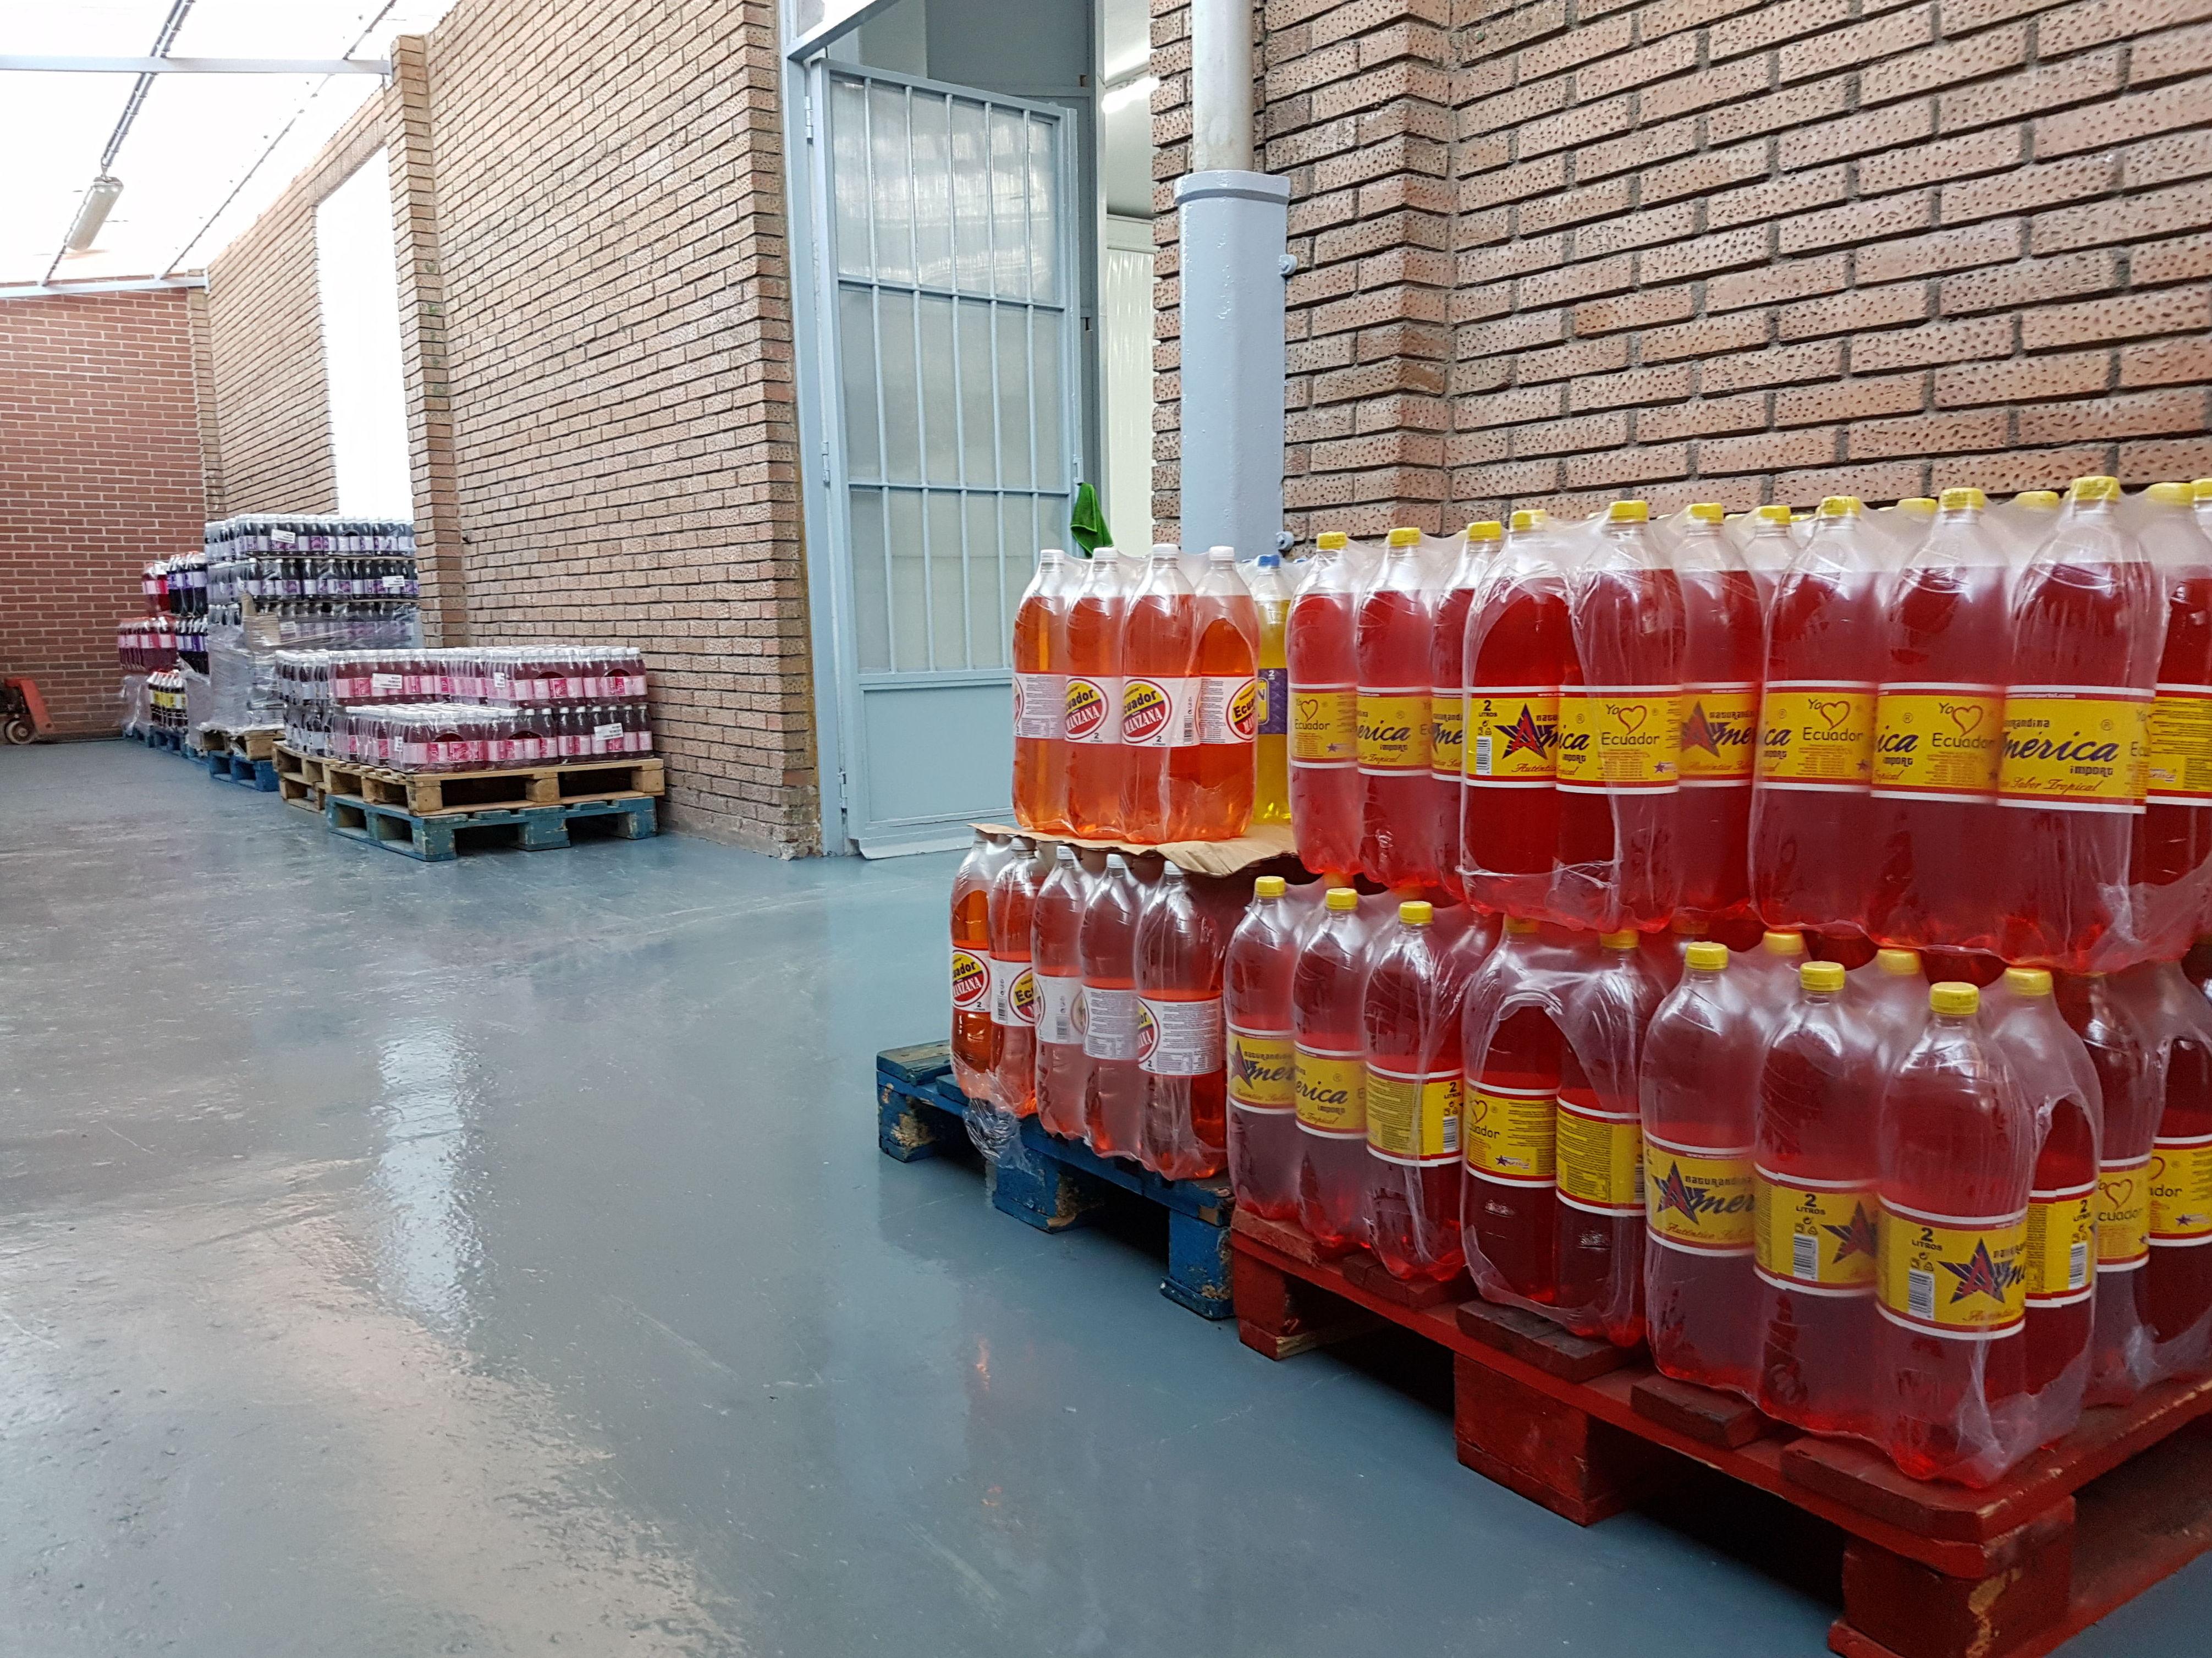 En nuestro muelle encontrarás las gaseosas más solicitadas en el mercado latinoamericano.